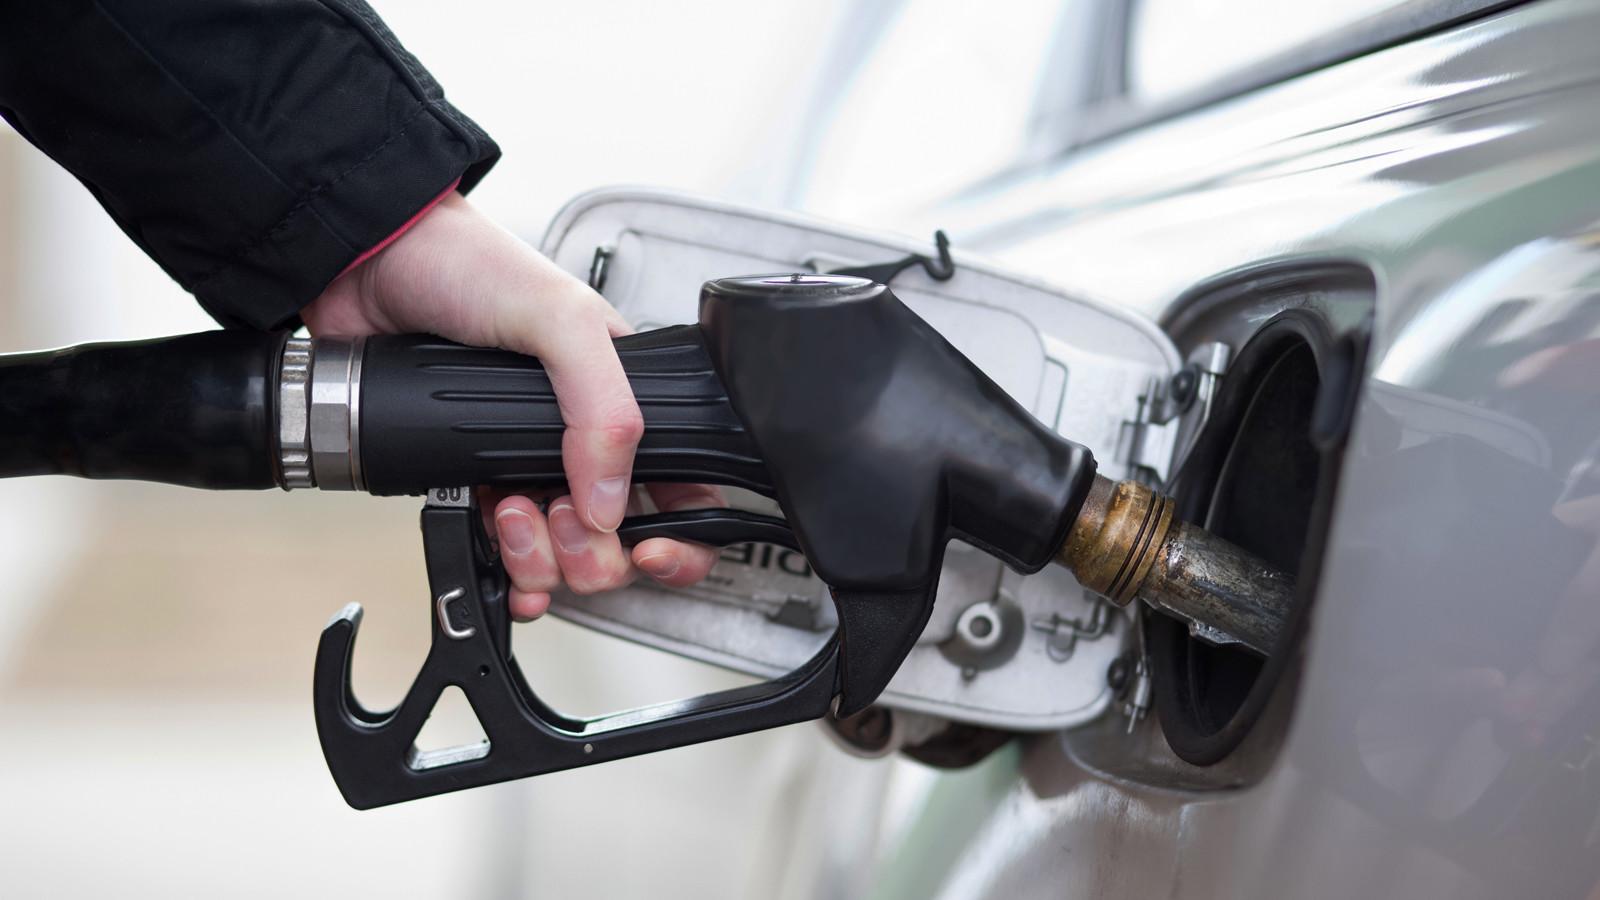 Бензин готовится налетний взлет: цены на горючее ускоряют рост